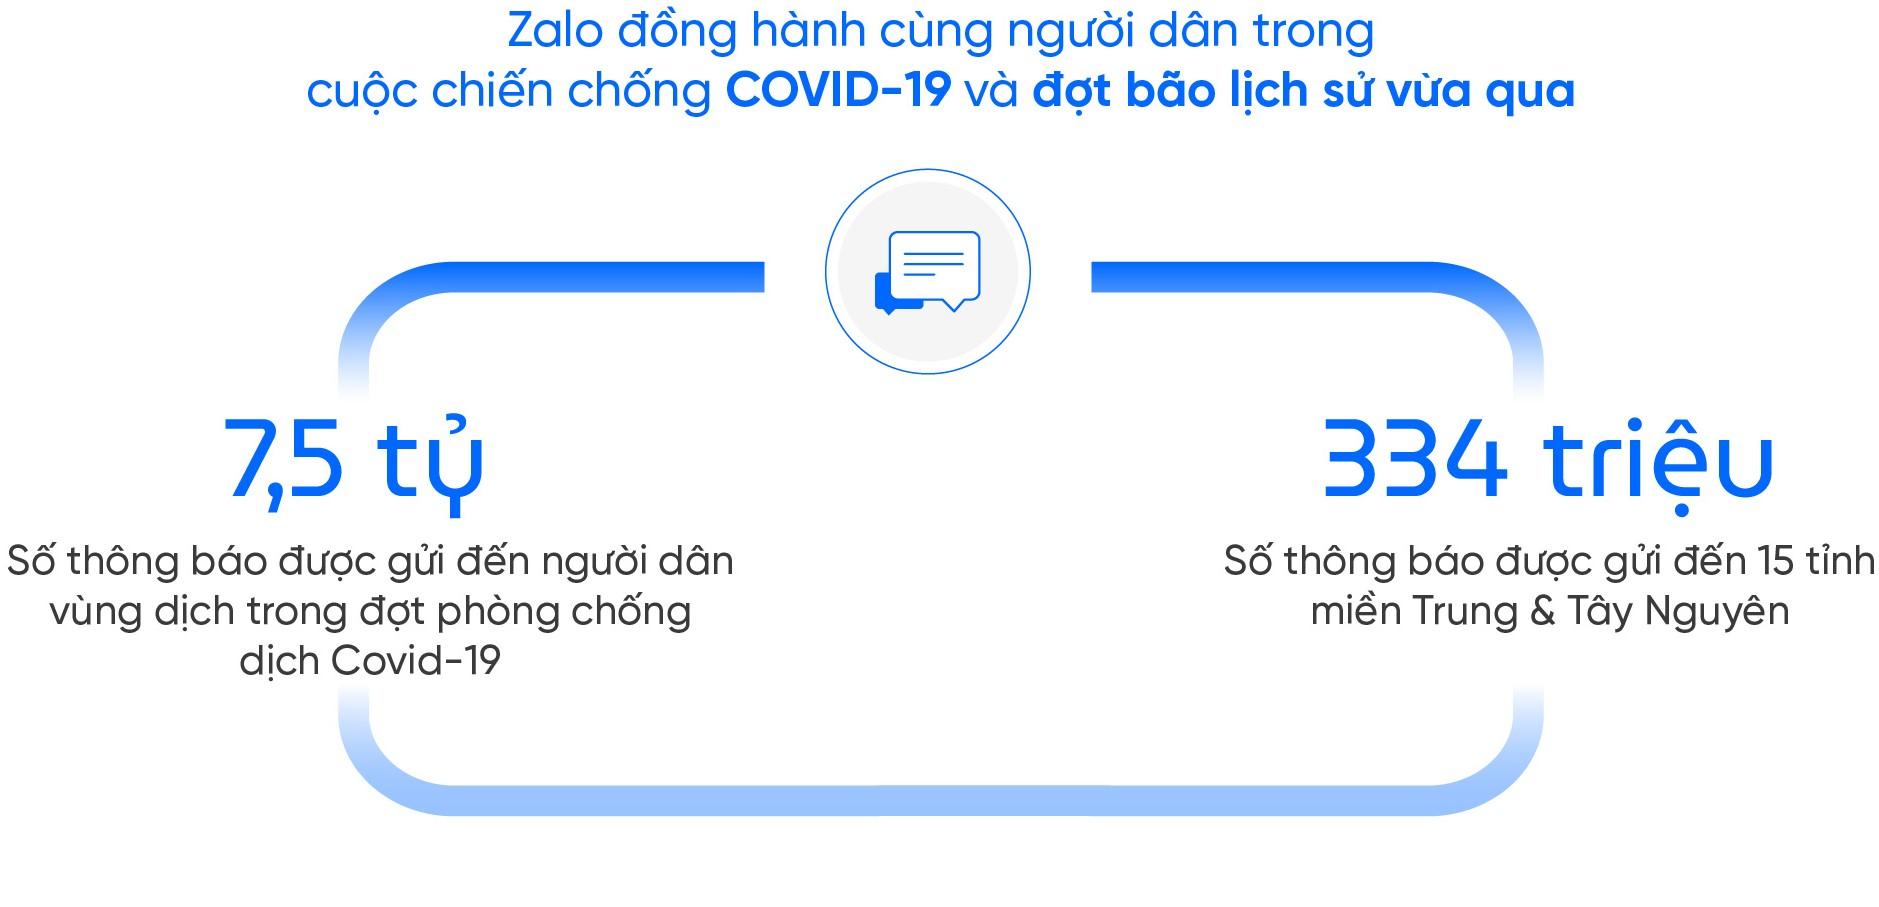 Nam Định ứng dụng Zalo vào cải cách hành chính, hoàn thành dịch vụ công cấp độ 4 - Ảnh 3.